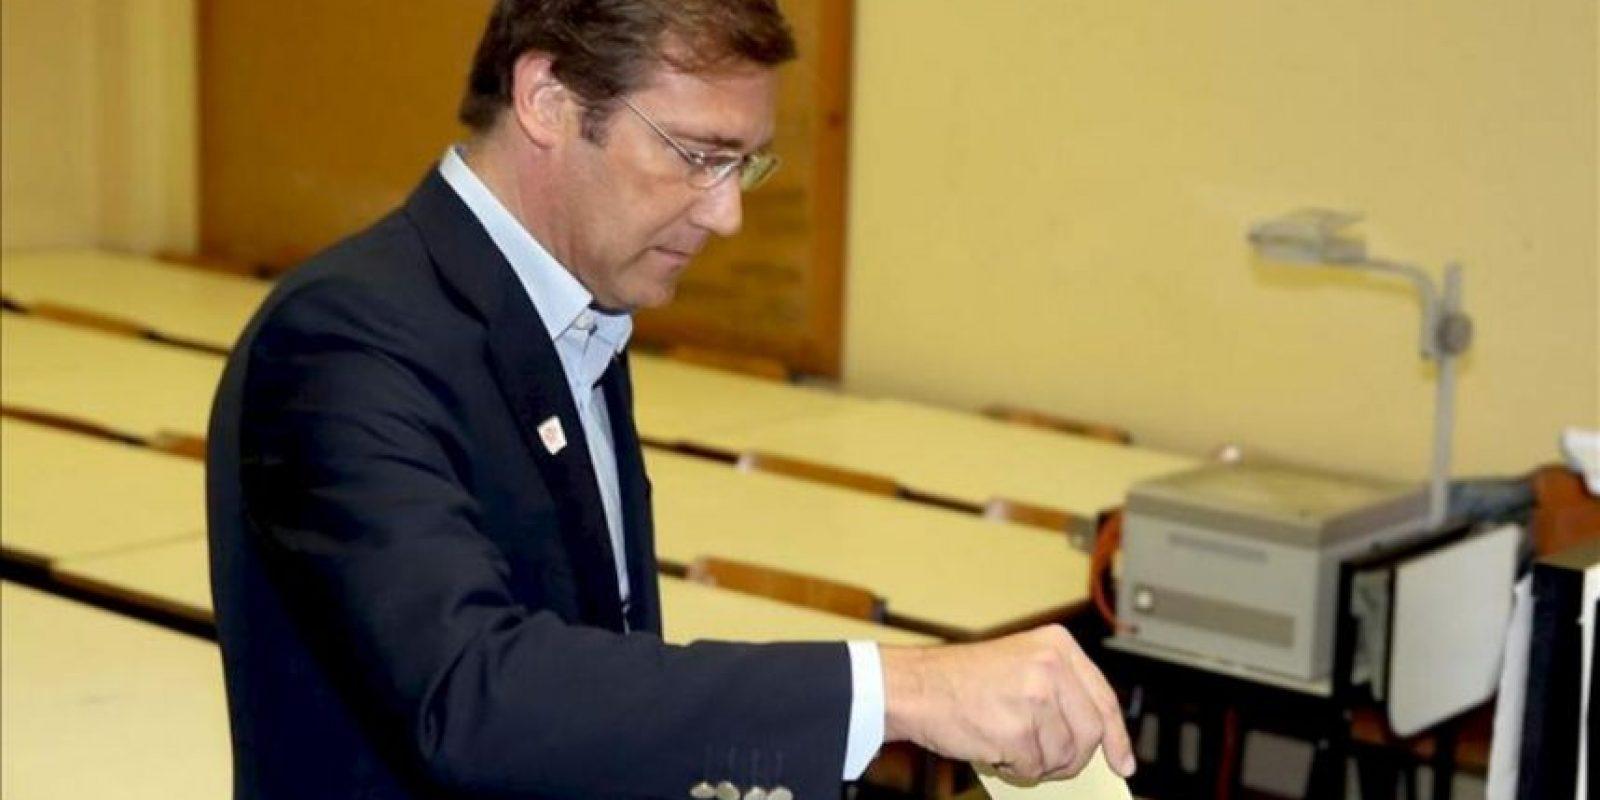 El Primer ministro portugués Pedro Passos Coelho deposita su voto en el colegio electoral Stuart de Carvalhais en Massama, Lisboa, Portugal. EFE